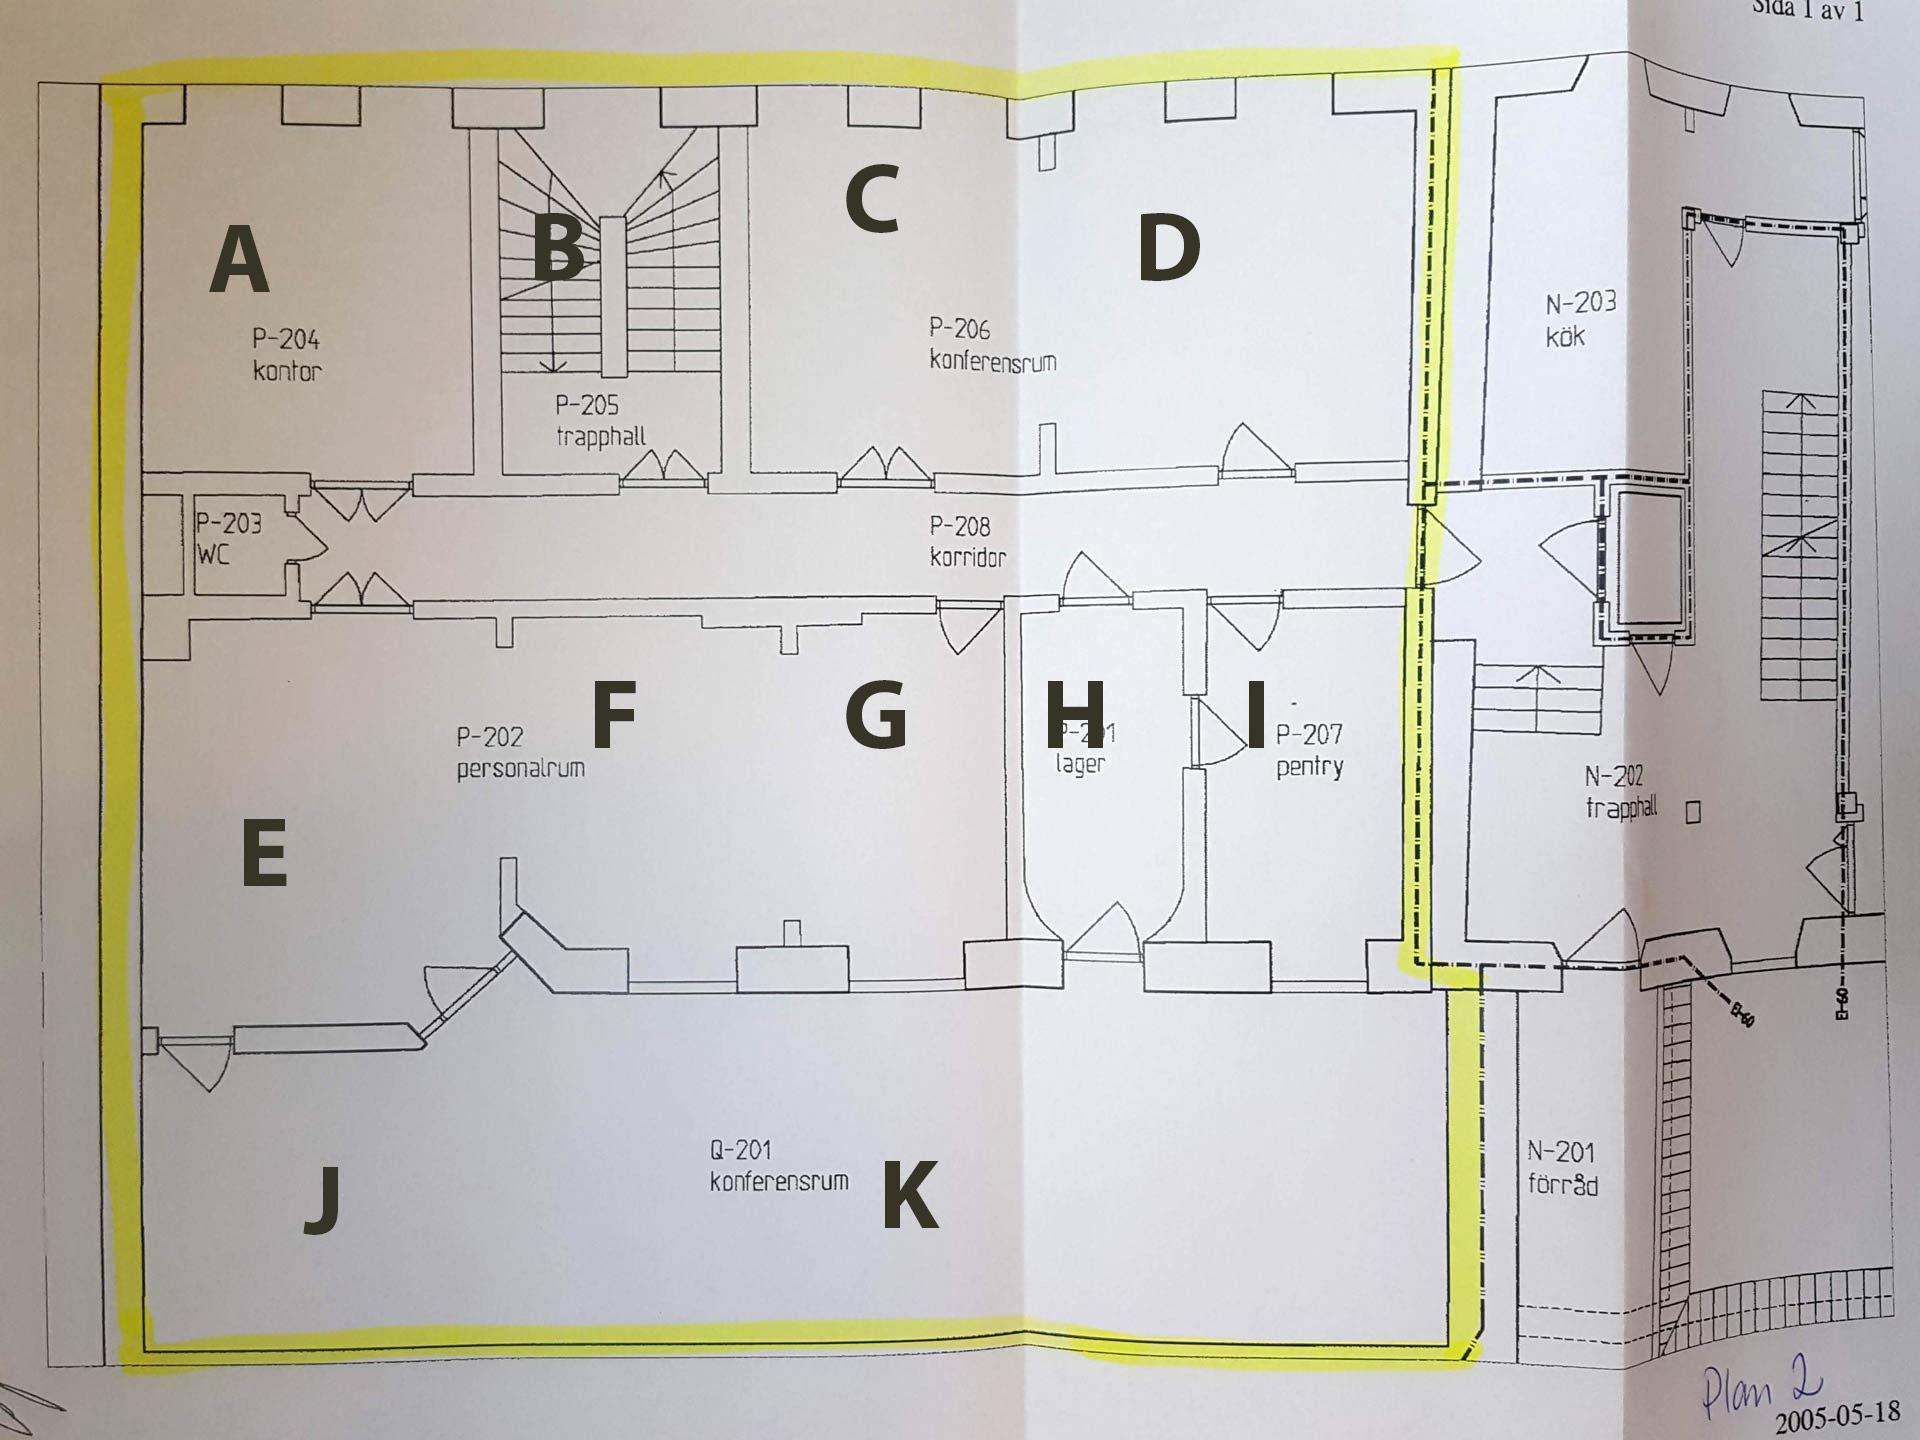 Rritning för plan 2 Malmö Arena S:t Gertrud. Avgränsade utrymmen markerade A-K.